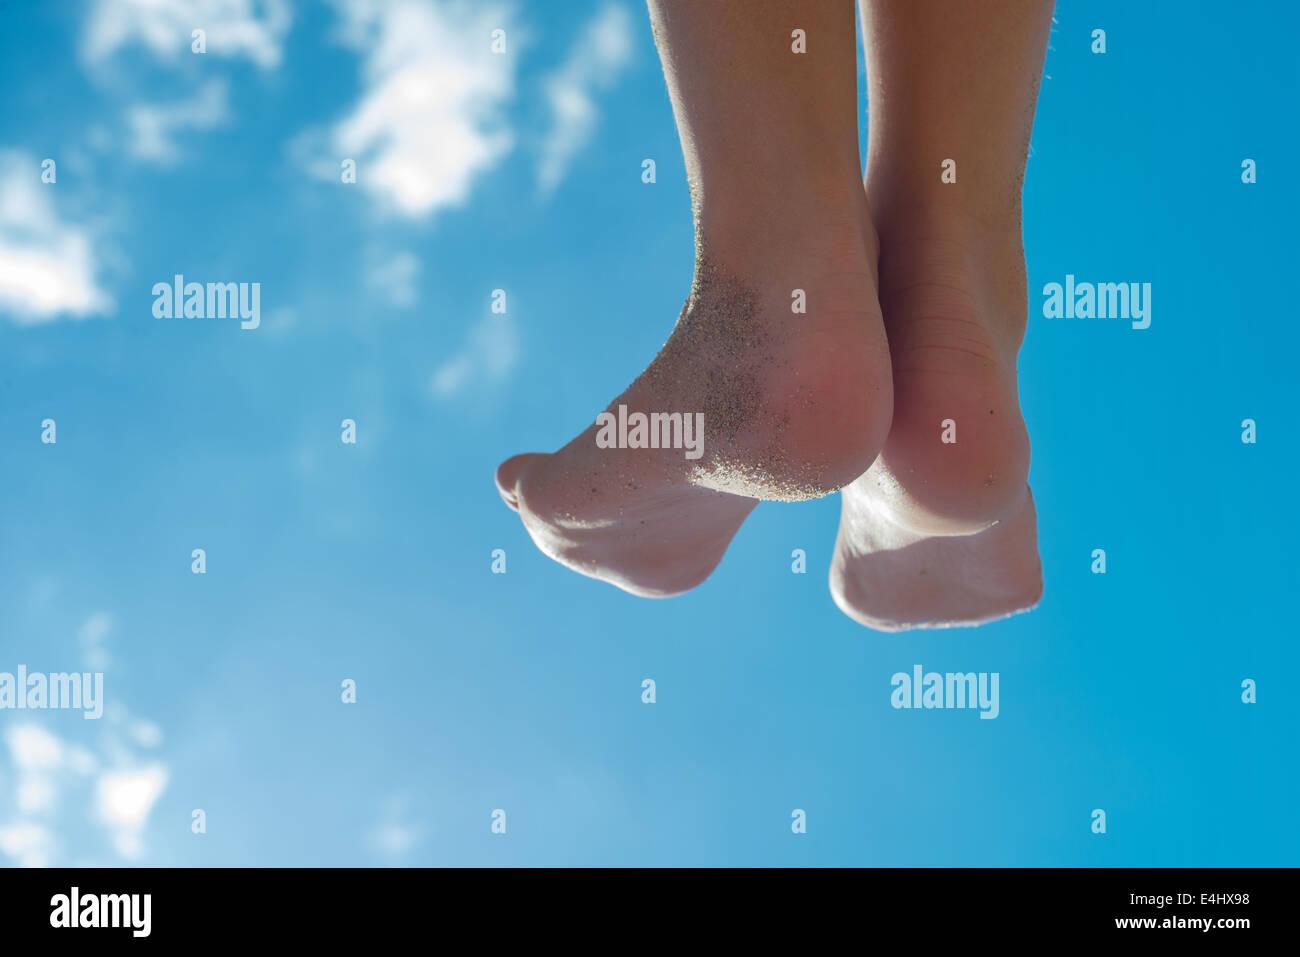 Children's feet against the blue sky - Stock Image